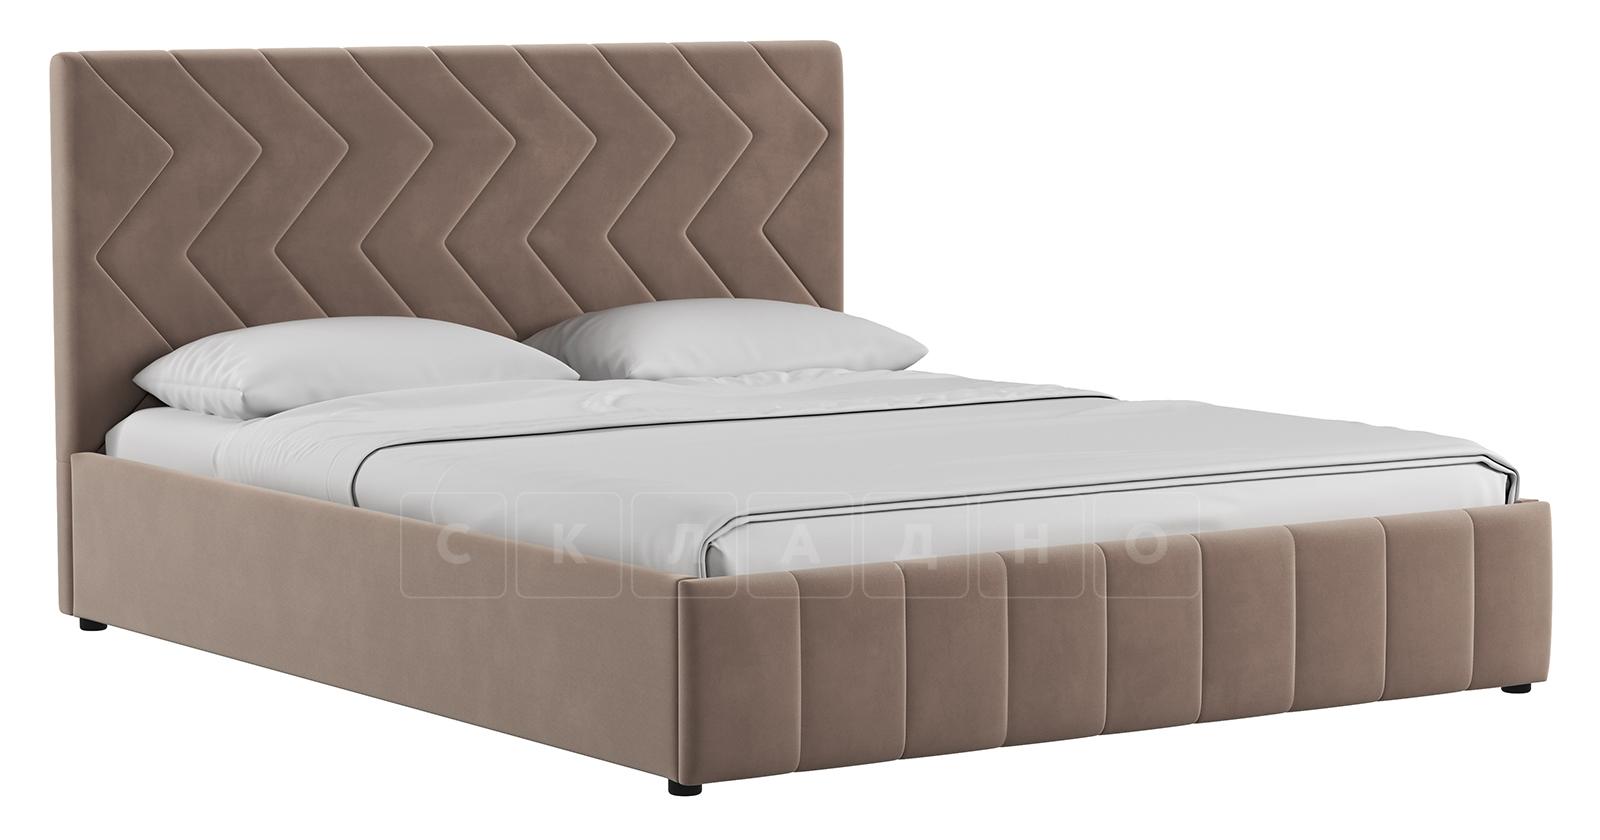 Мягкая кровать Милана 160 см карамельный тауп с подъемным механизмом фото 1 | интернет-магазин Складно